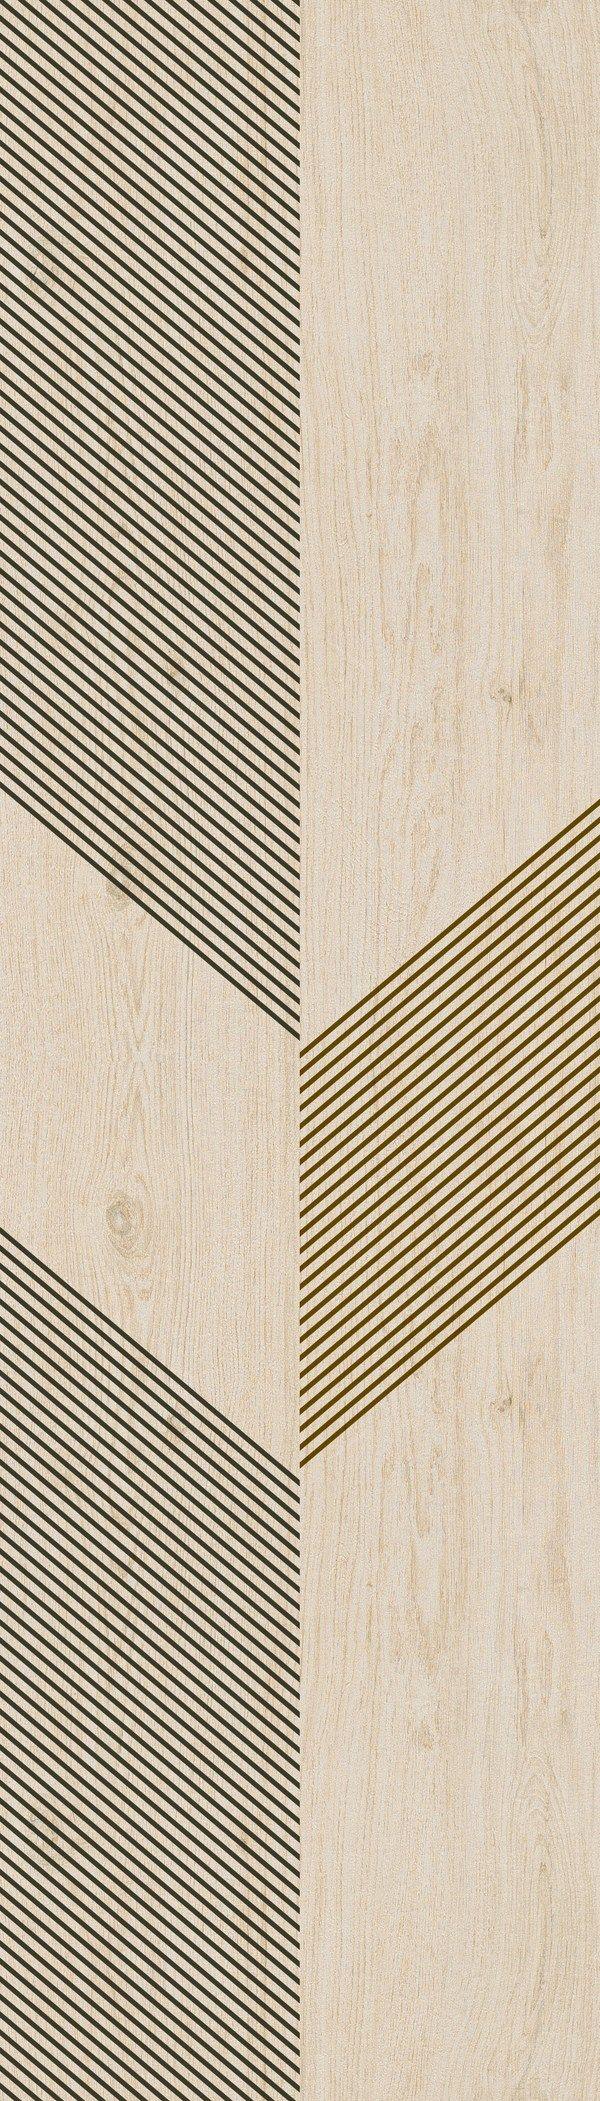 M s de 25 ideas incre bles sobre revestimiento de madera - Revestimiento imitacion madera ...